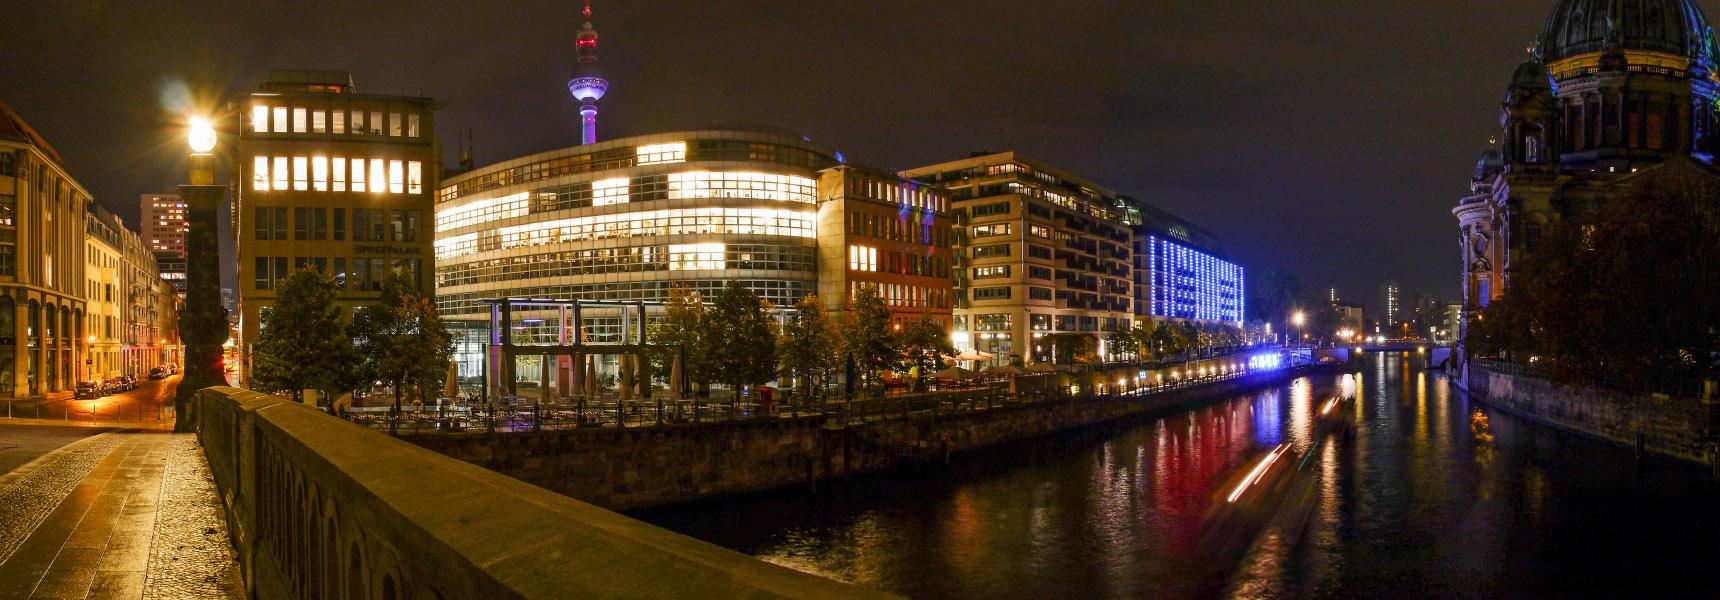 Blick von der Friedrichsbrücke - Festival of Lights 2014